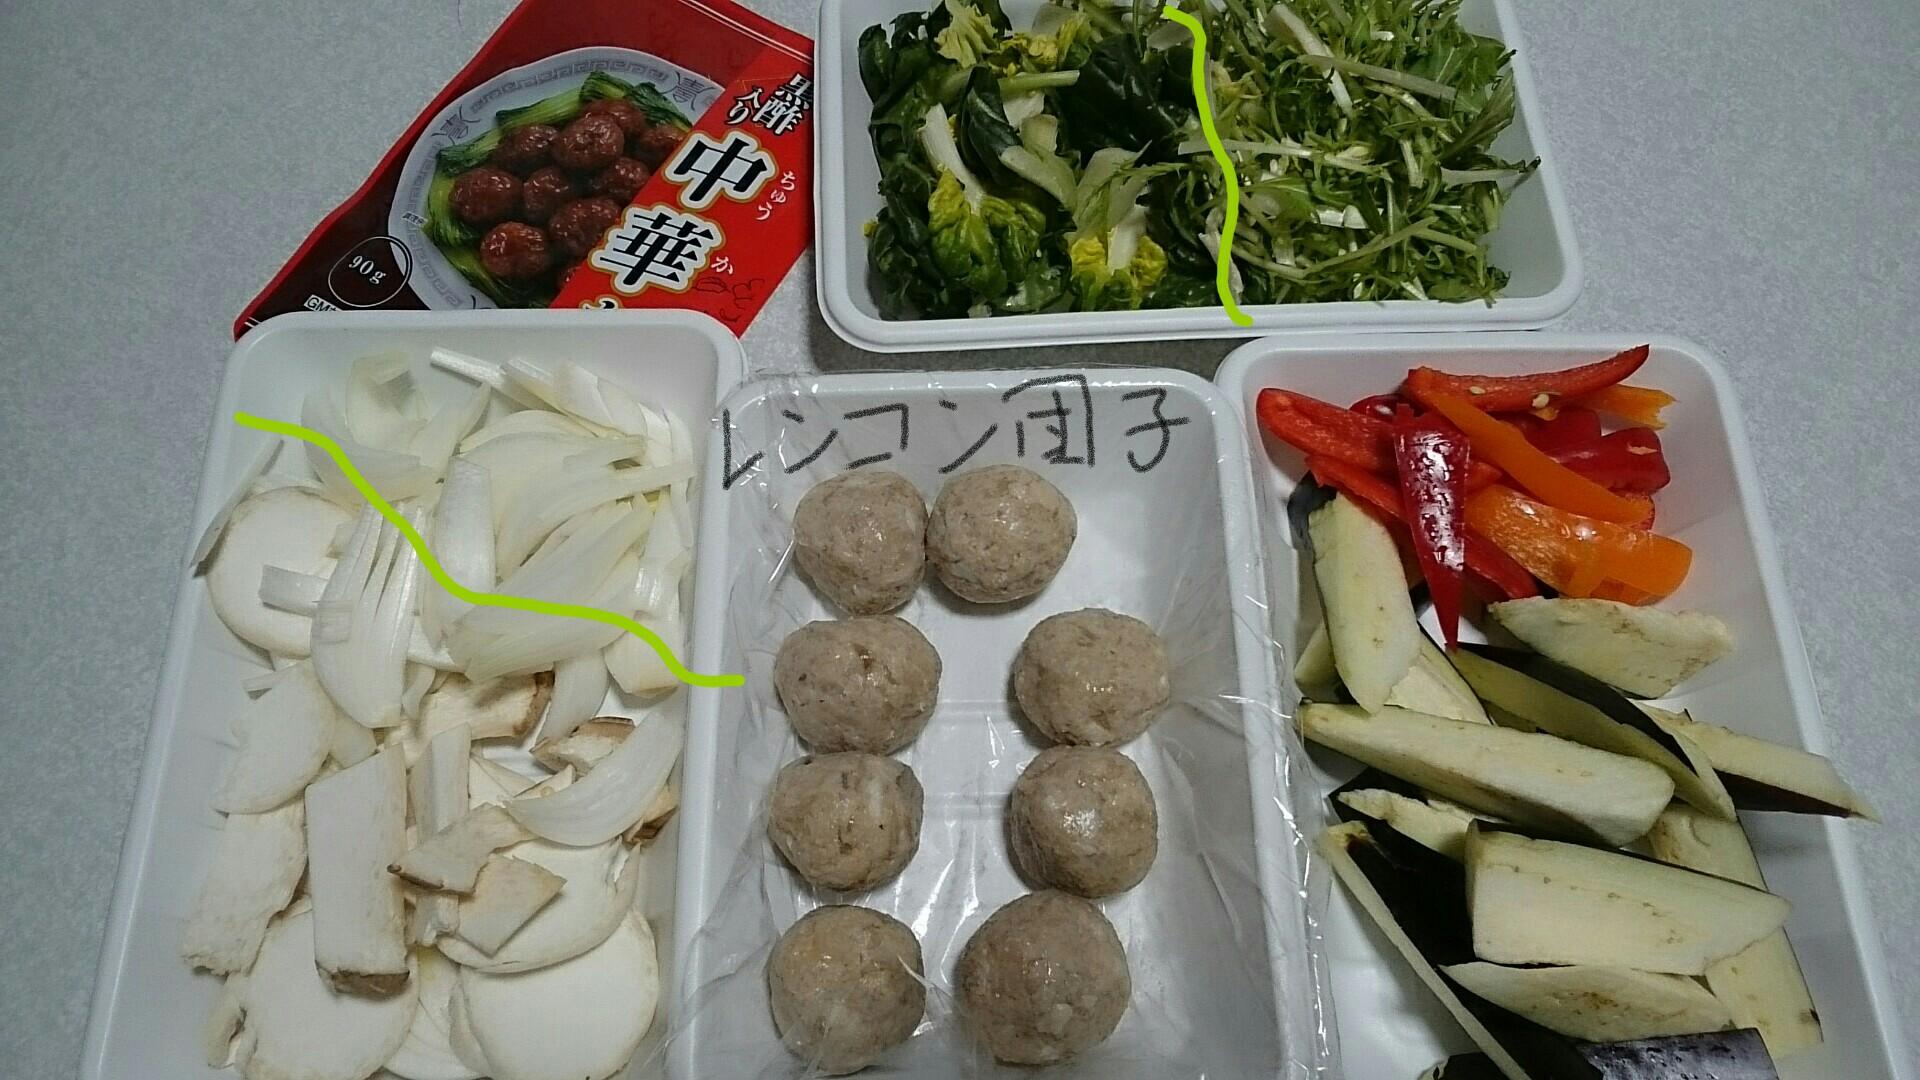 レンコン団子・鶏ミンチと材料